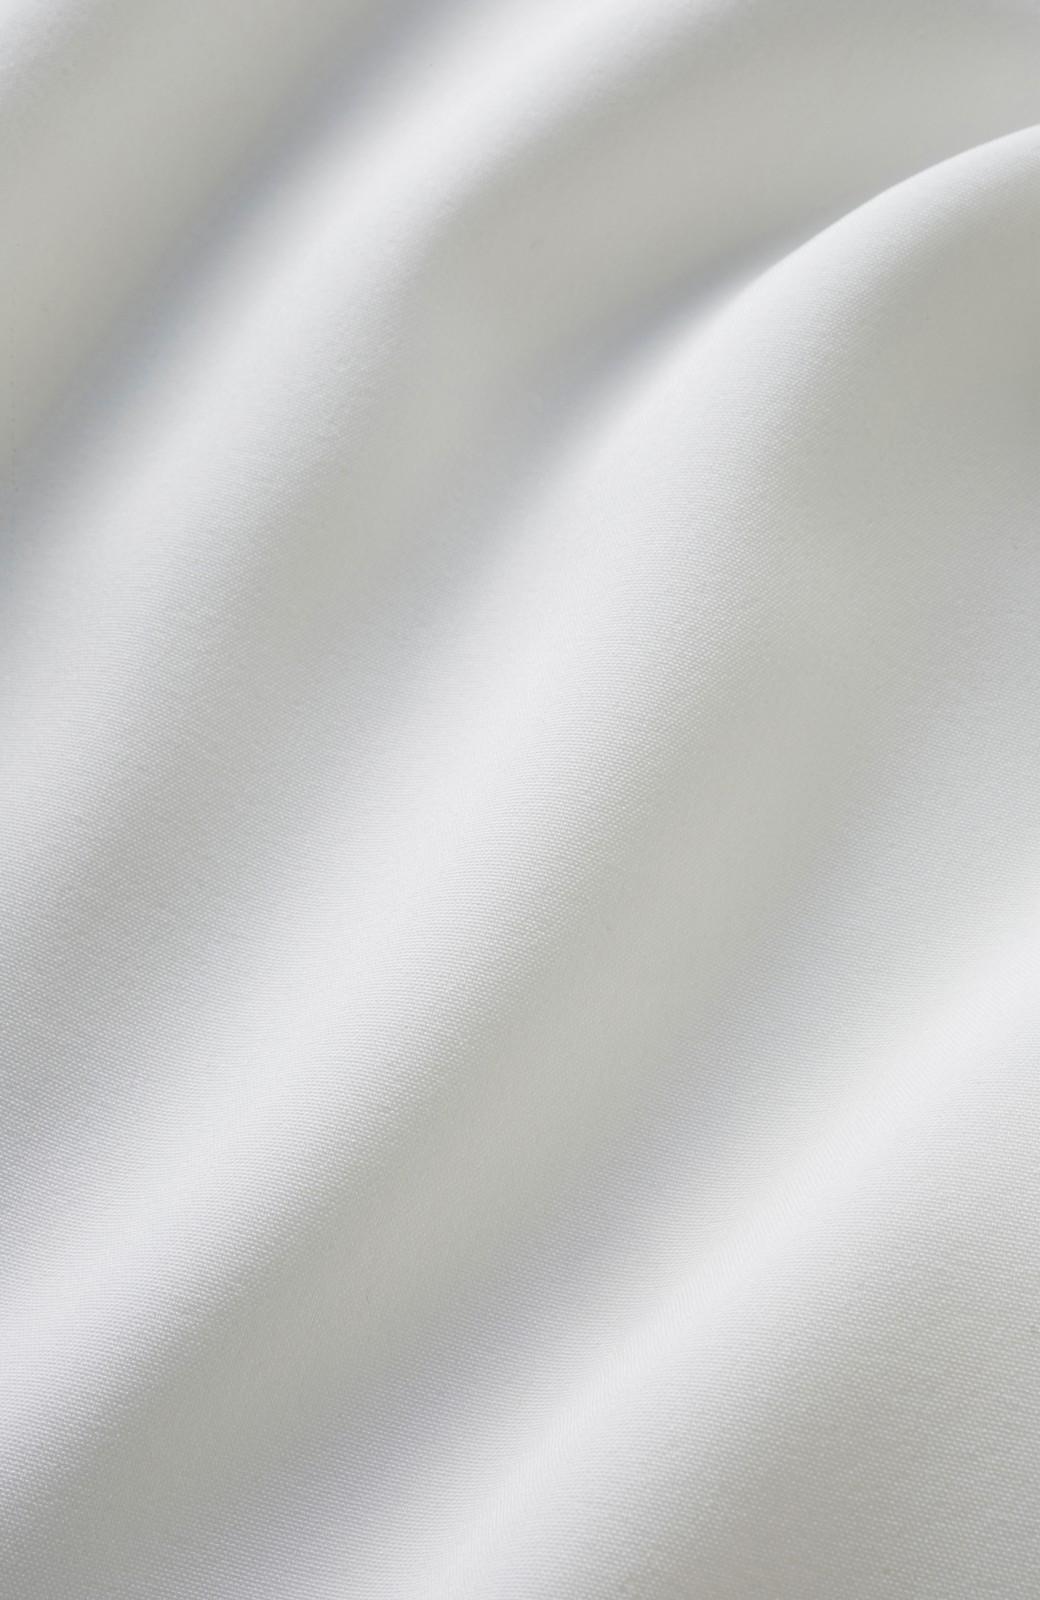 エムトロワ 女らしくてかっこいい スキッパー&抜き衿のとろみシャツ <ホワイト>の商品写真3